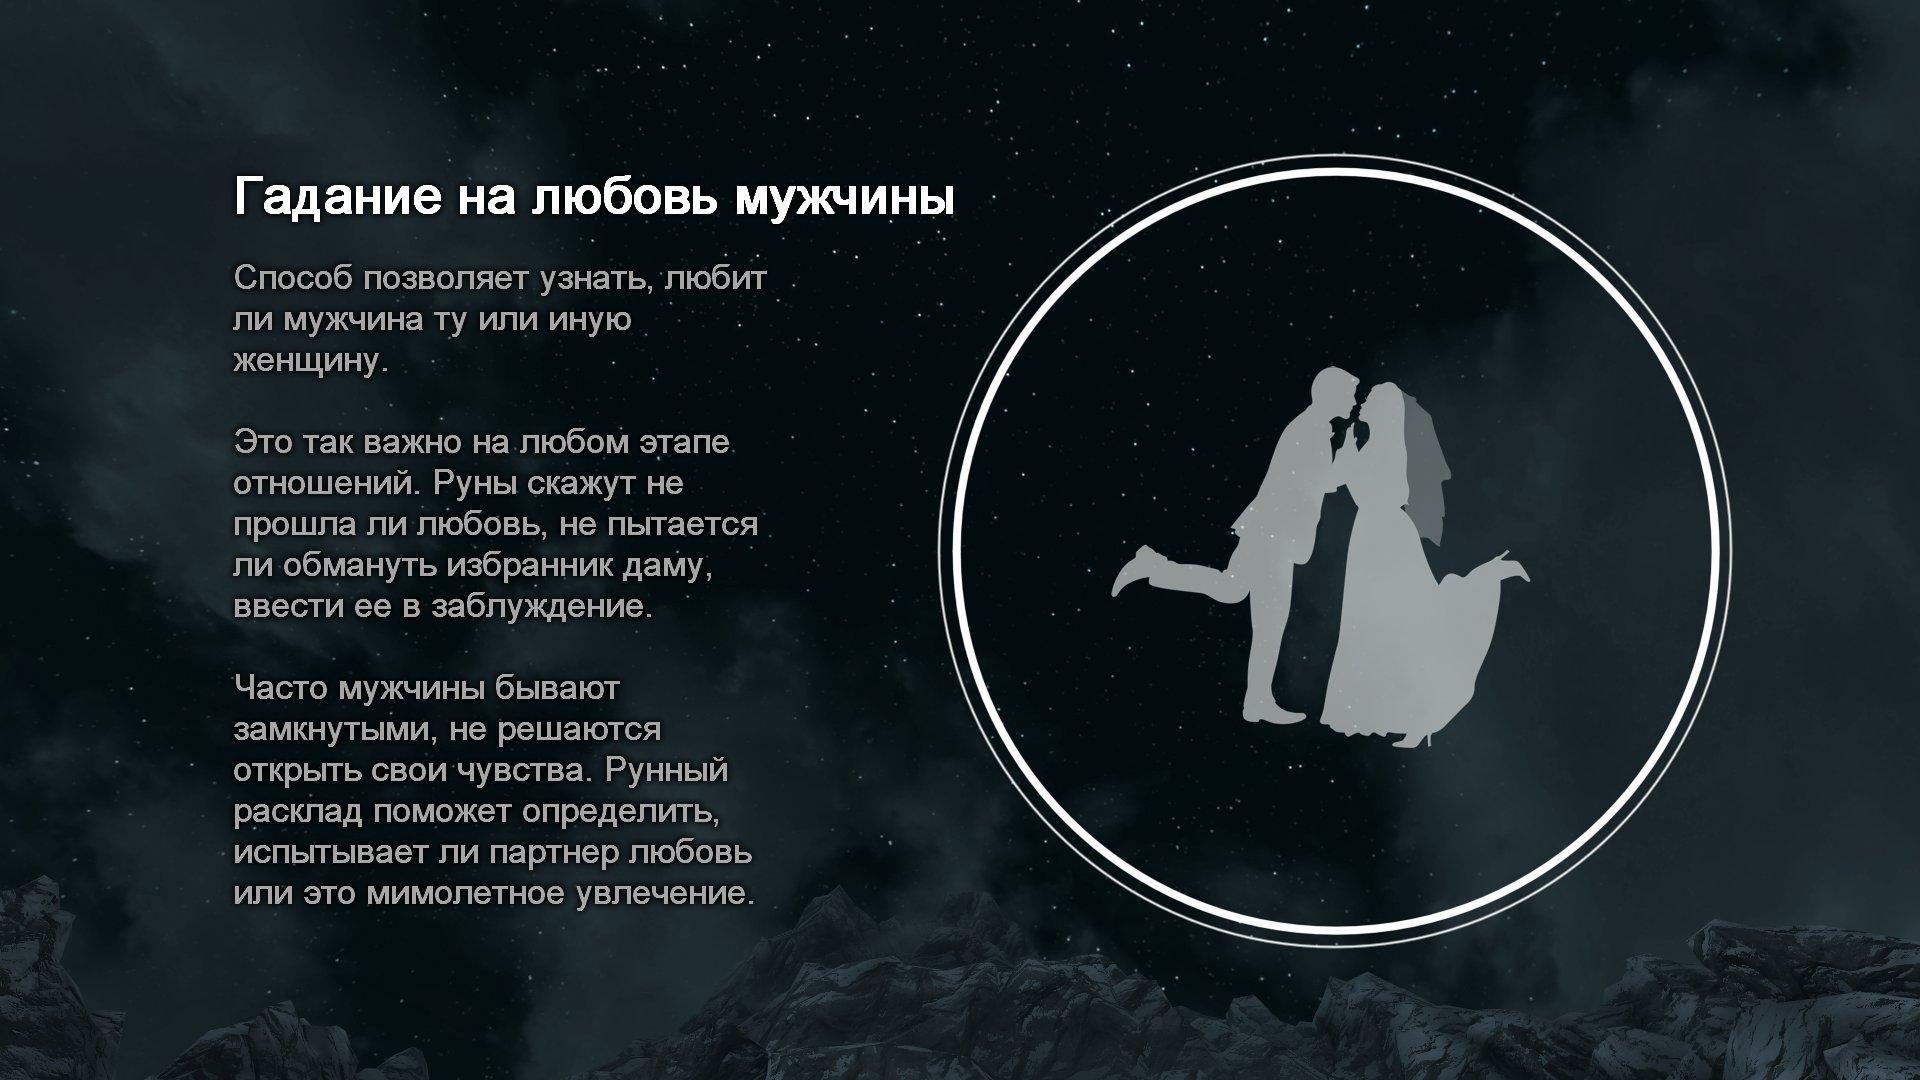 Гадание на любовь мужчины